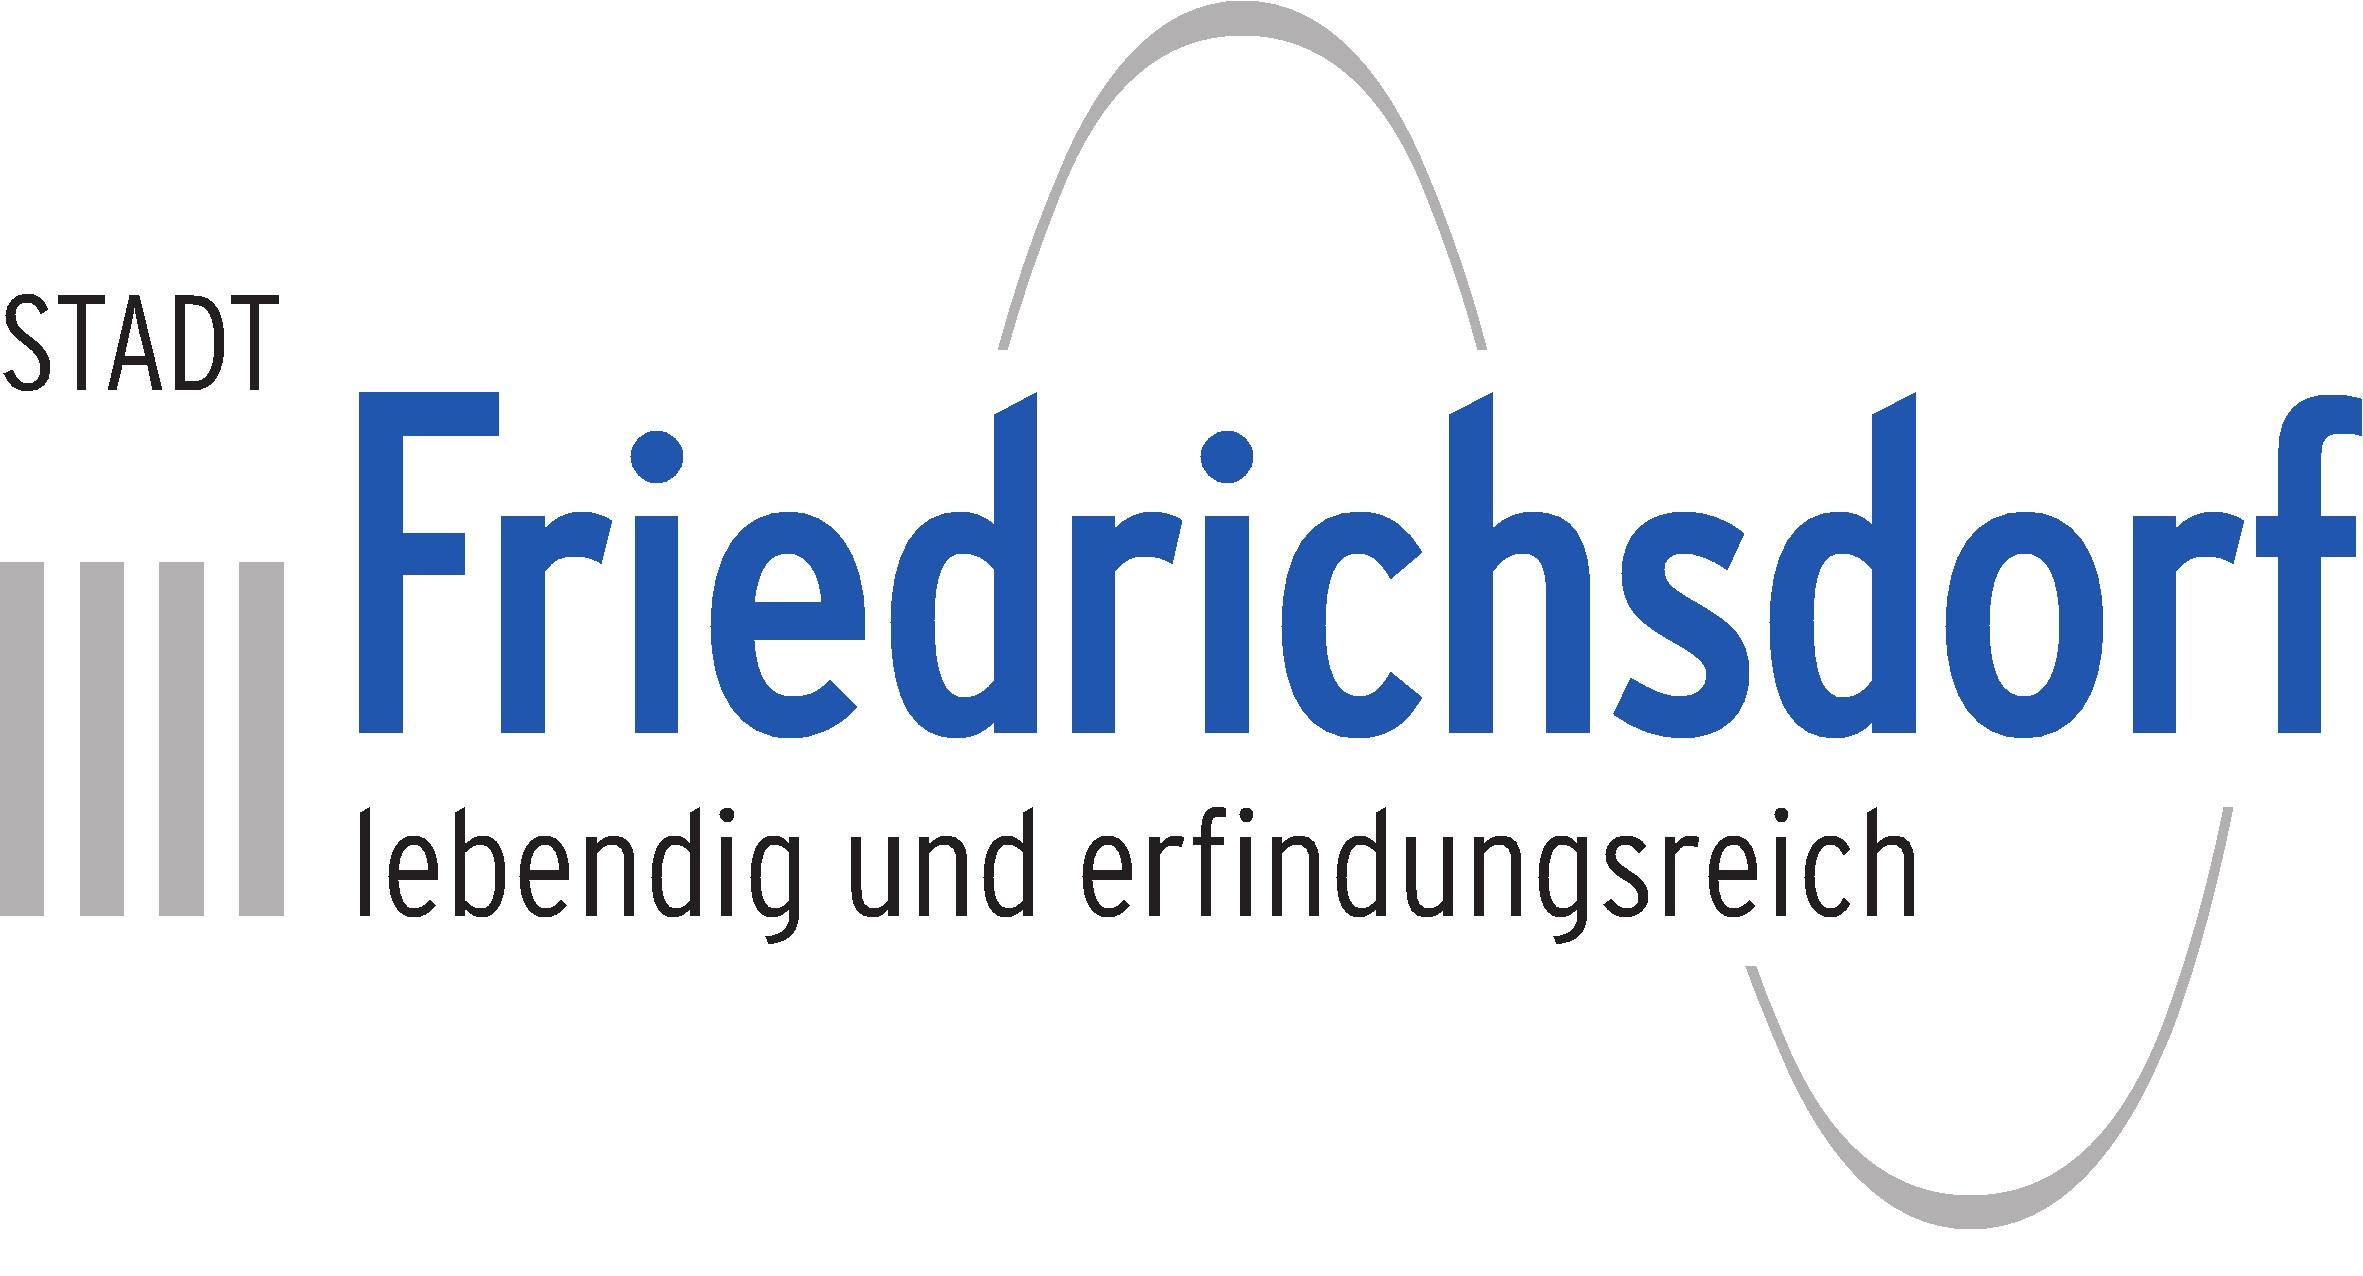 Logo of Stadt Friedrichsdorf